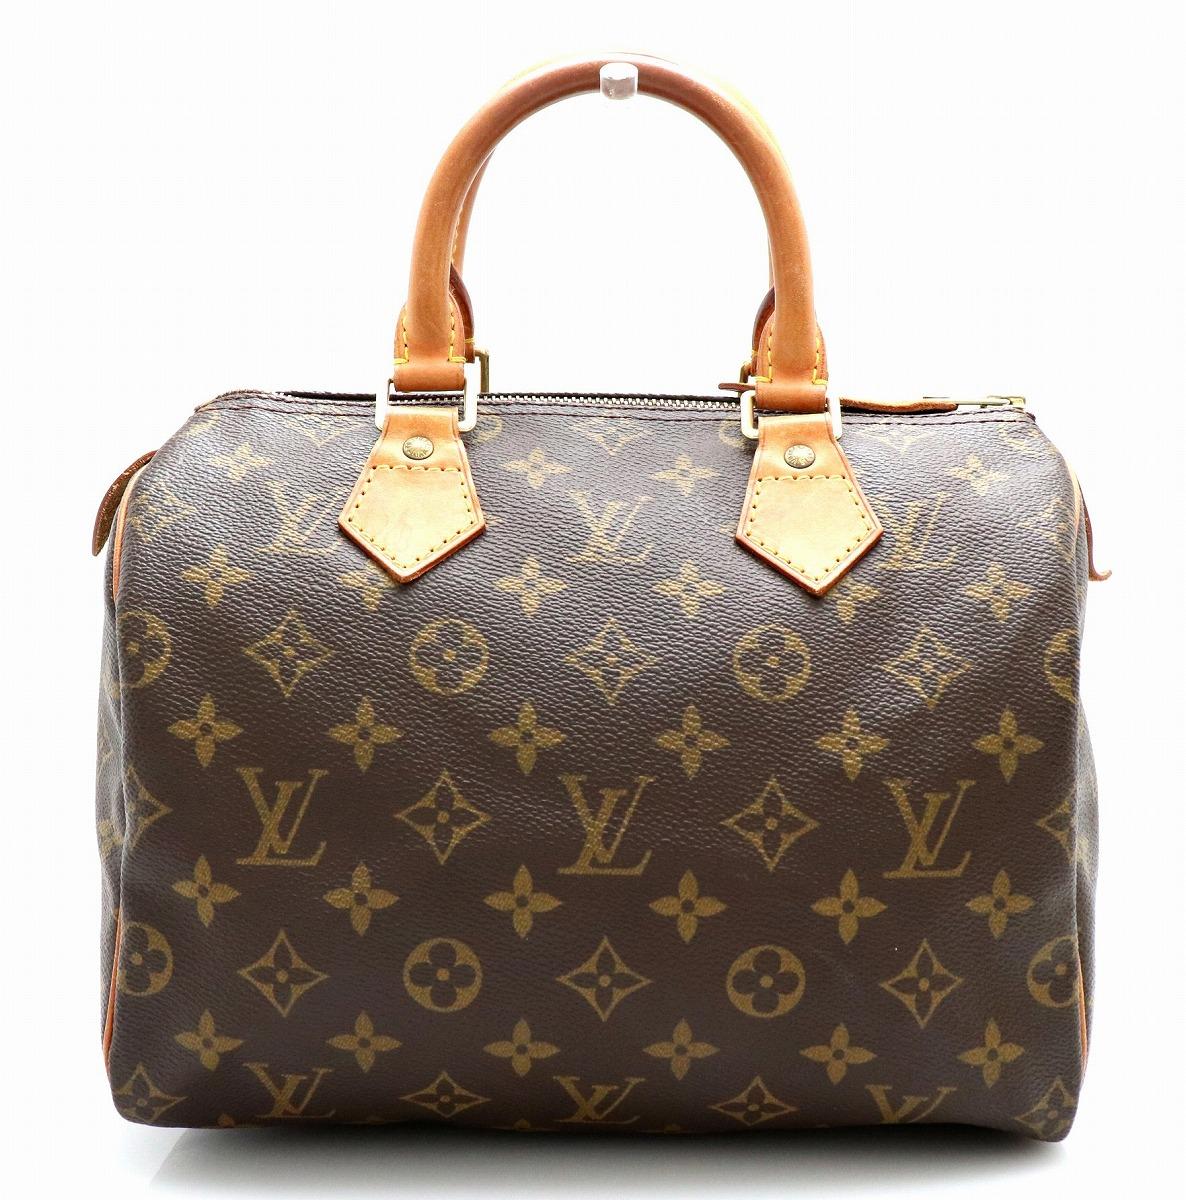 【バッグ】LOUIS VUITTON ルイ ヴィトン モノグラム スピーディ25 ミニボストンバッグ ハンドバッグ M41528 【中古】【k】